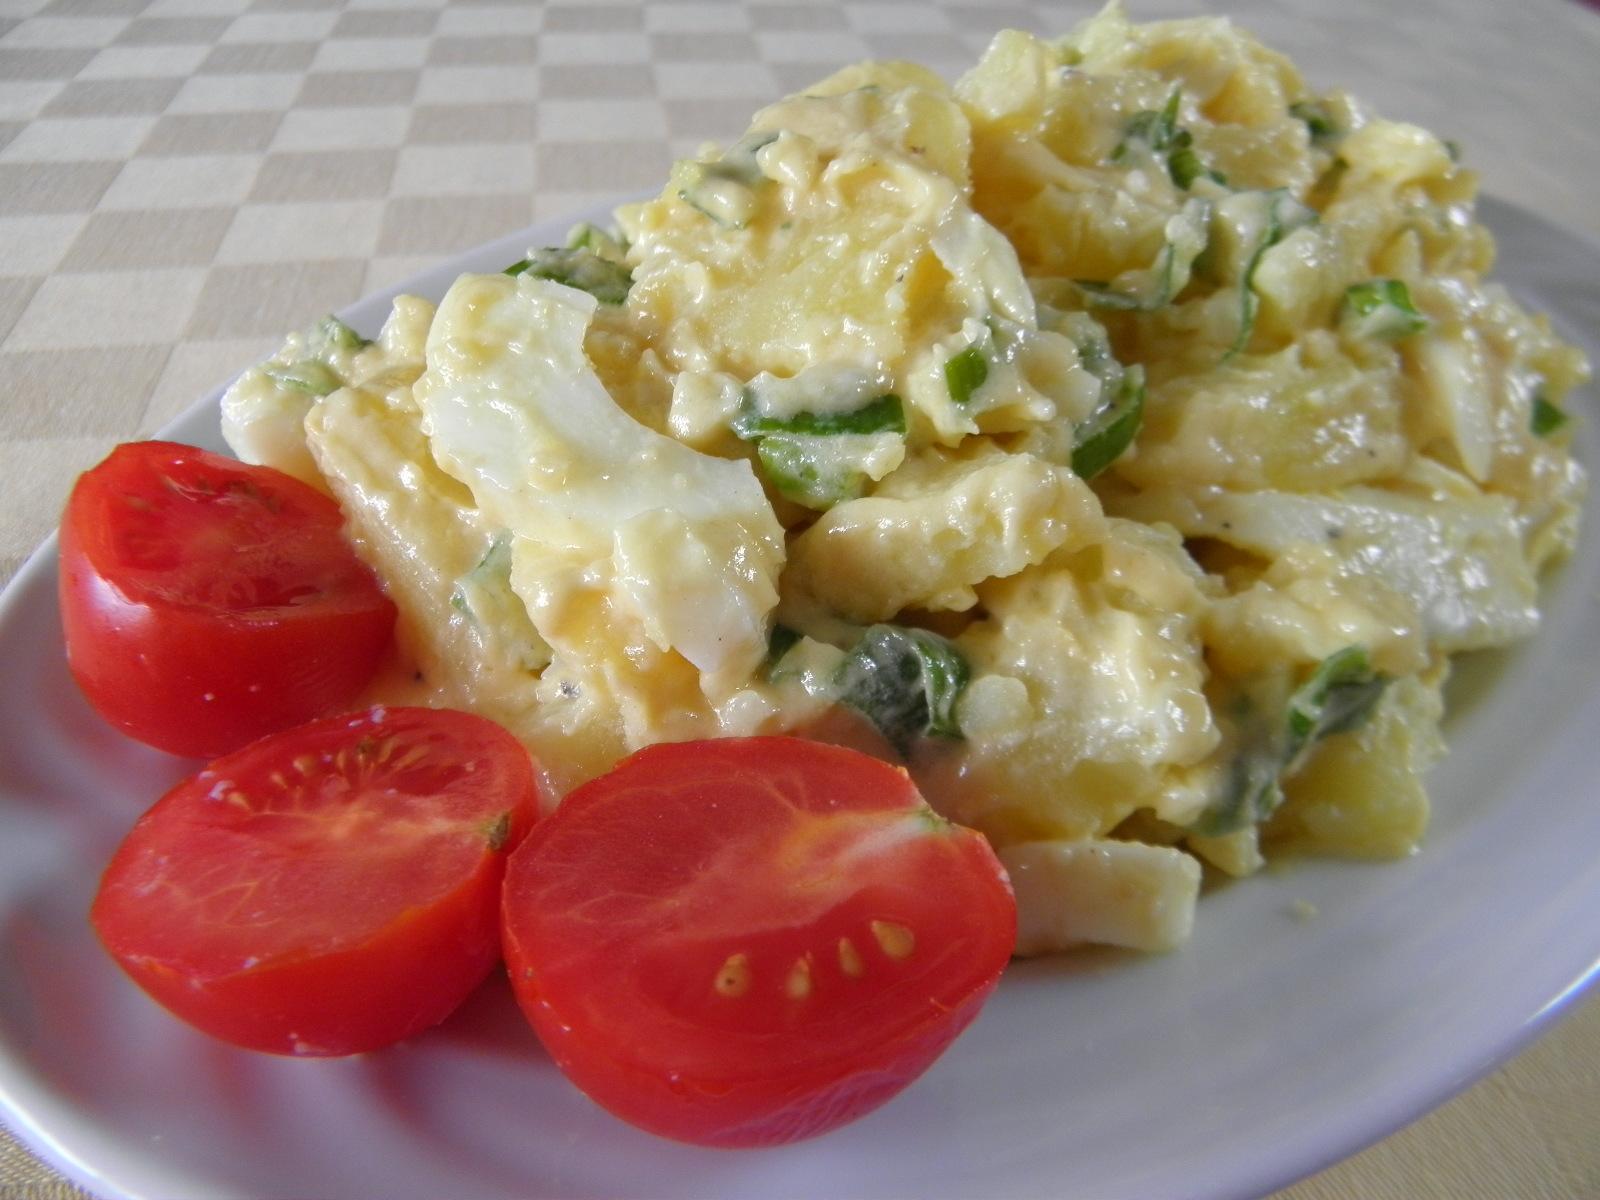 Letní bramborový salát s vejci